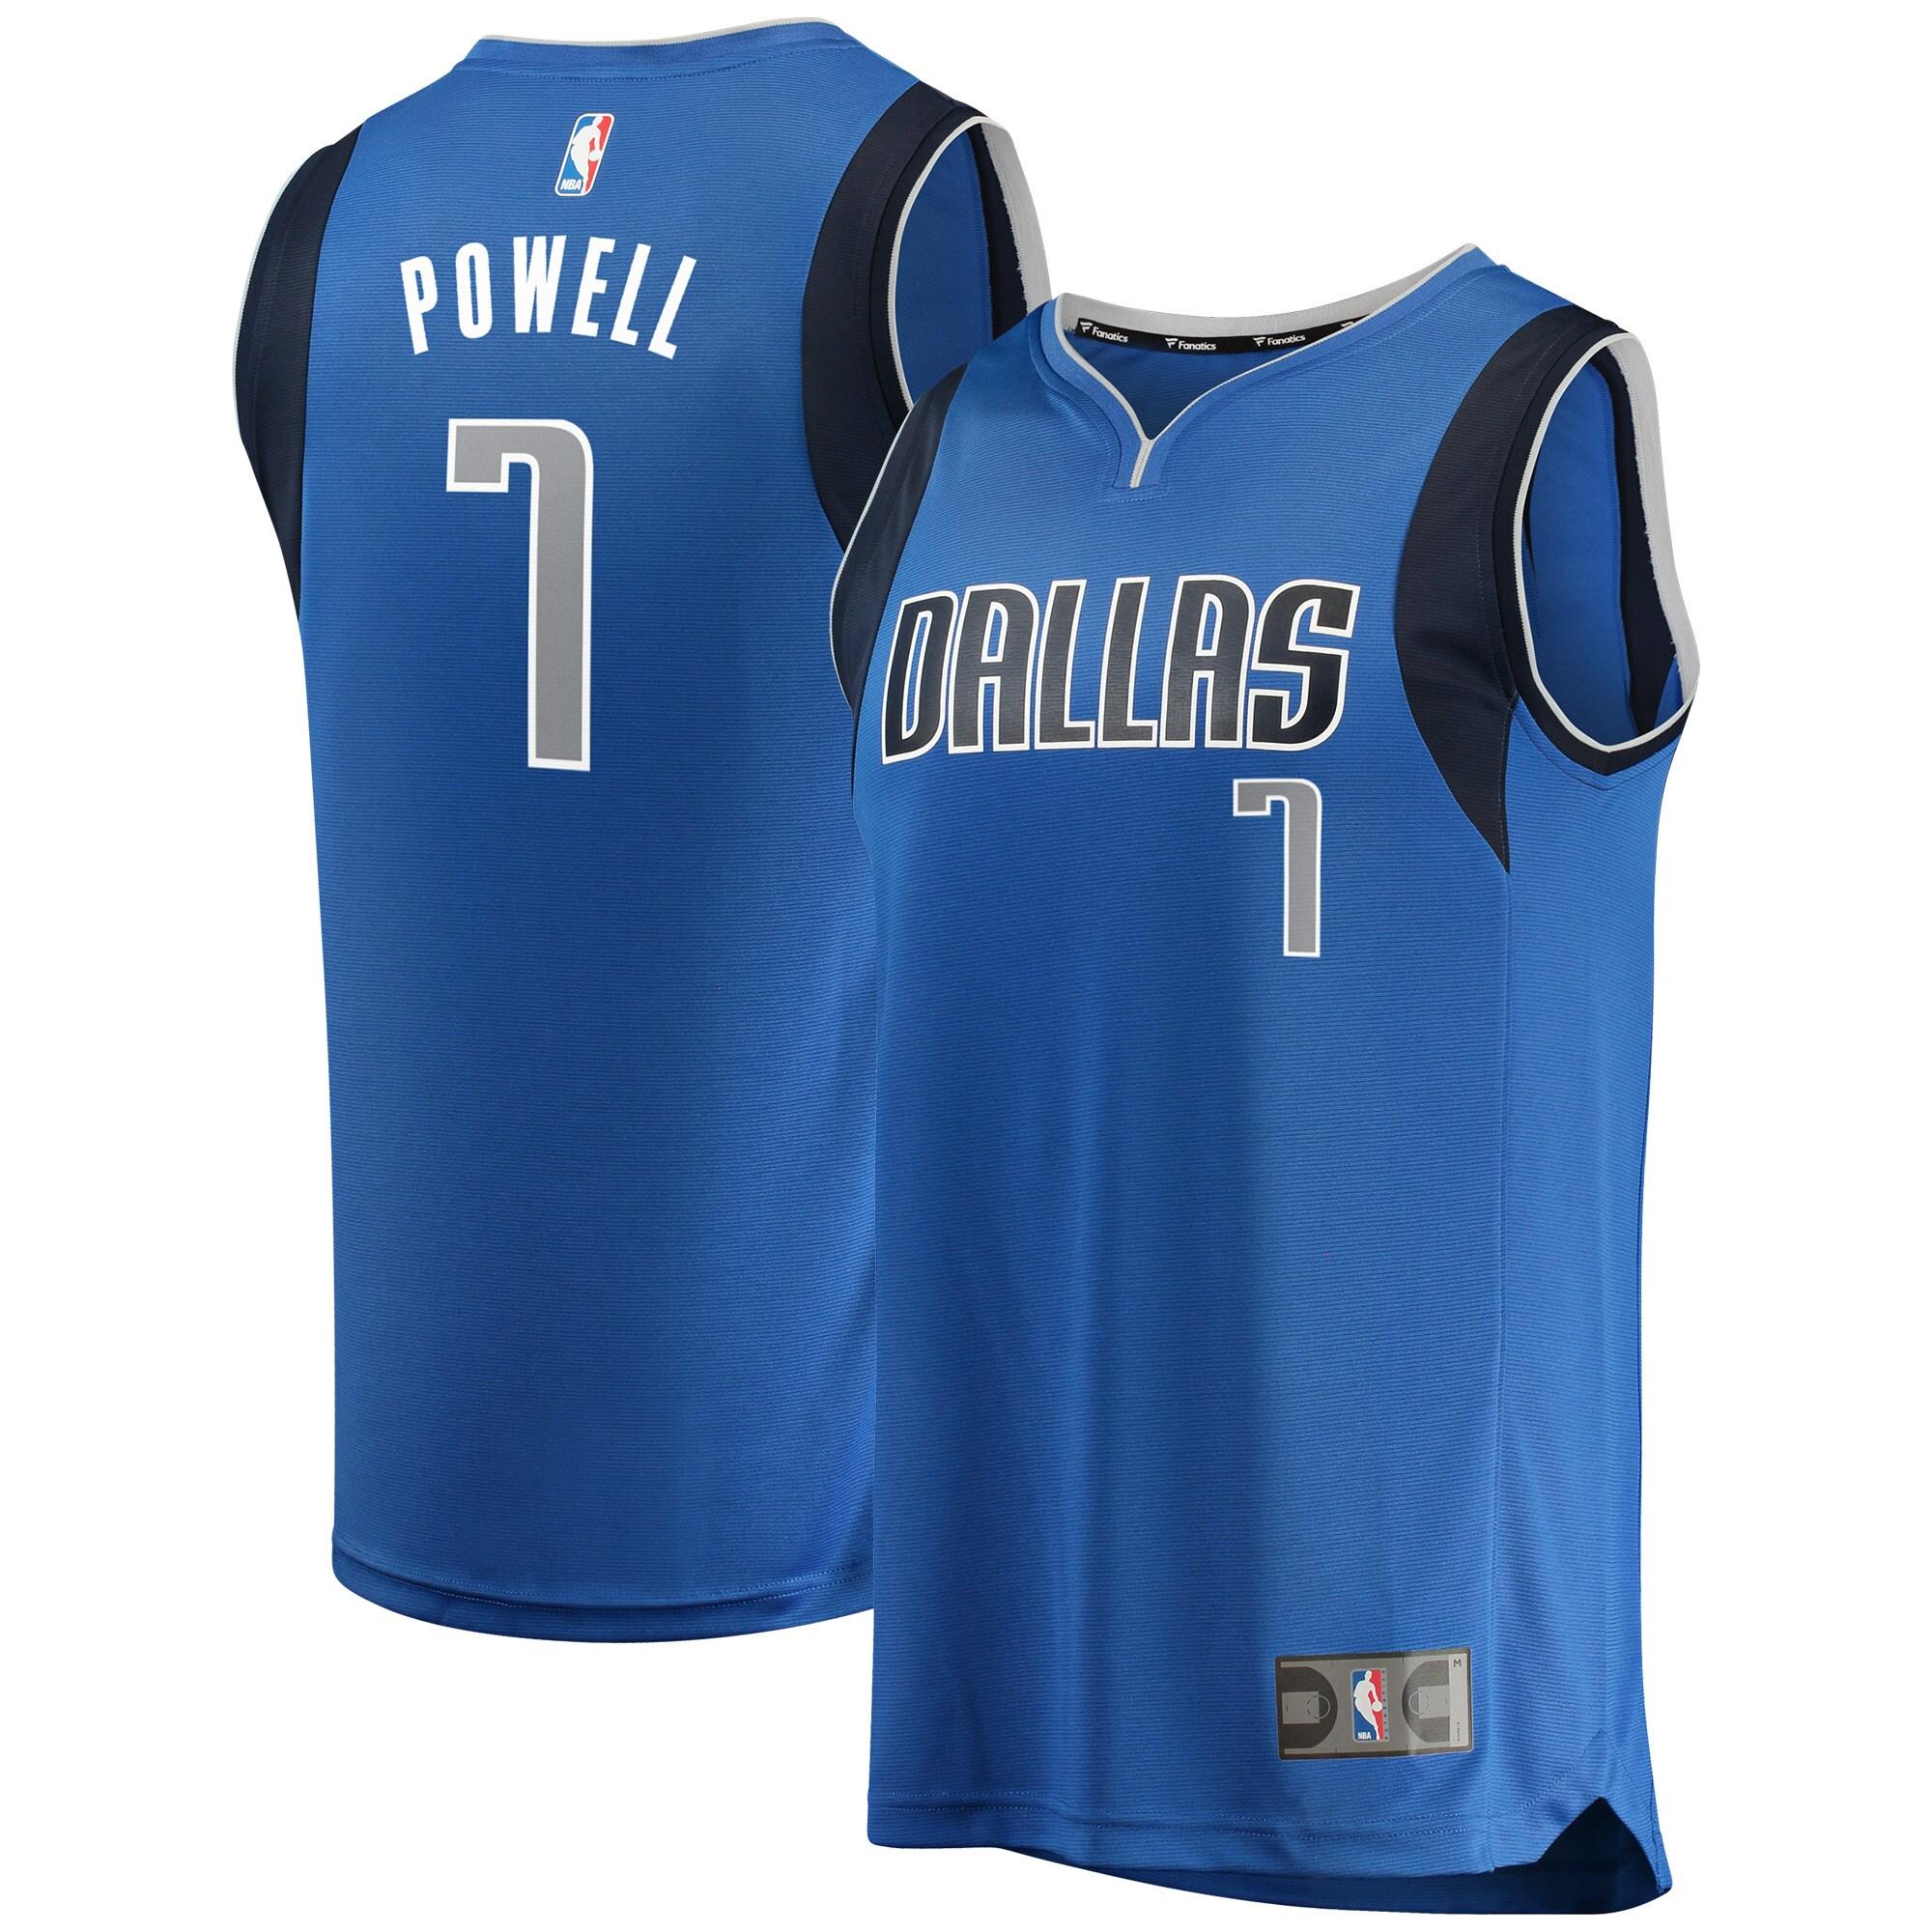 Dwight Powell Dallas Mavericks Fanatics Branded Fast Break Replica Team Color Player Jersey Royal - Icon Edition